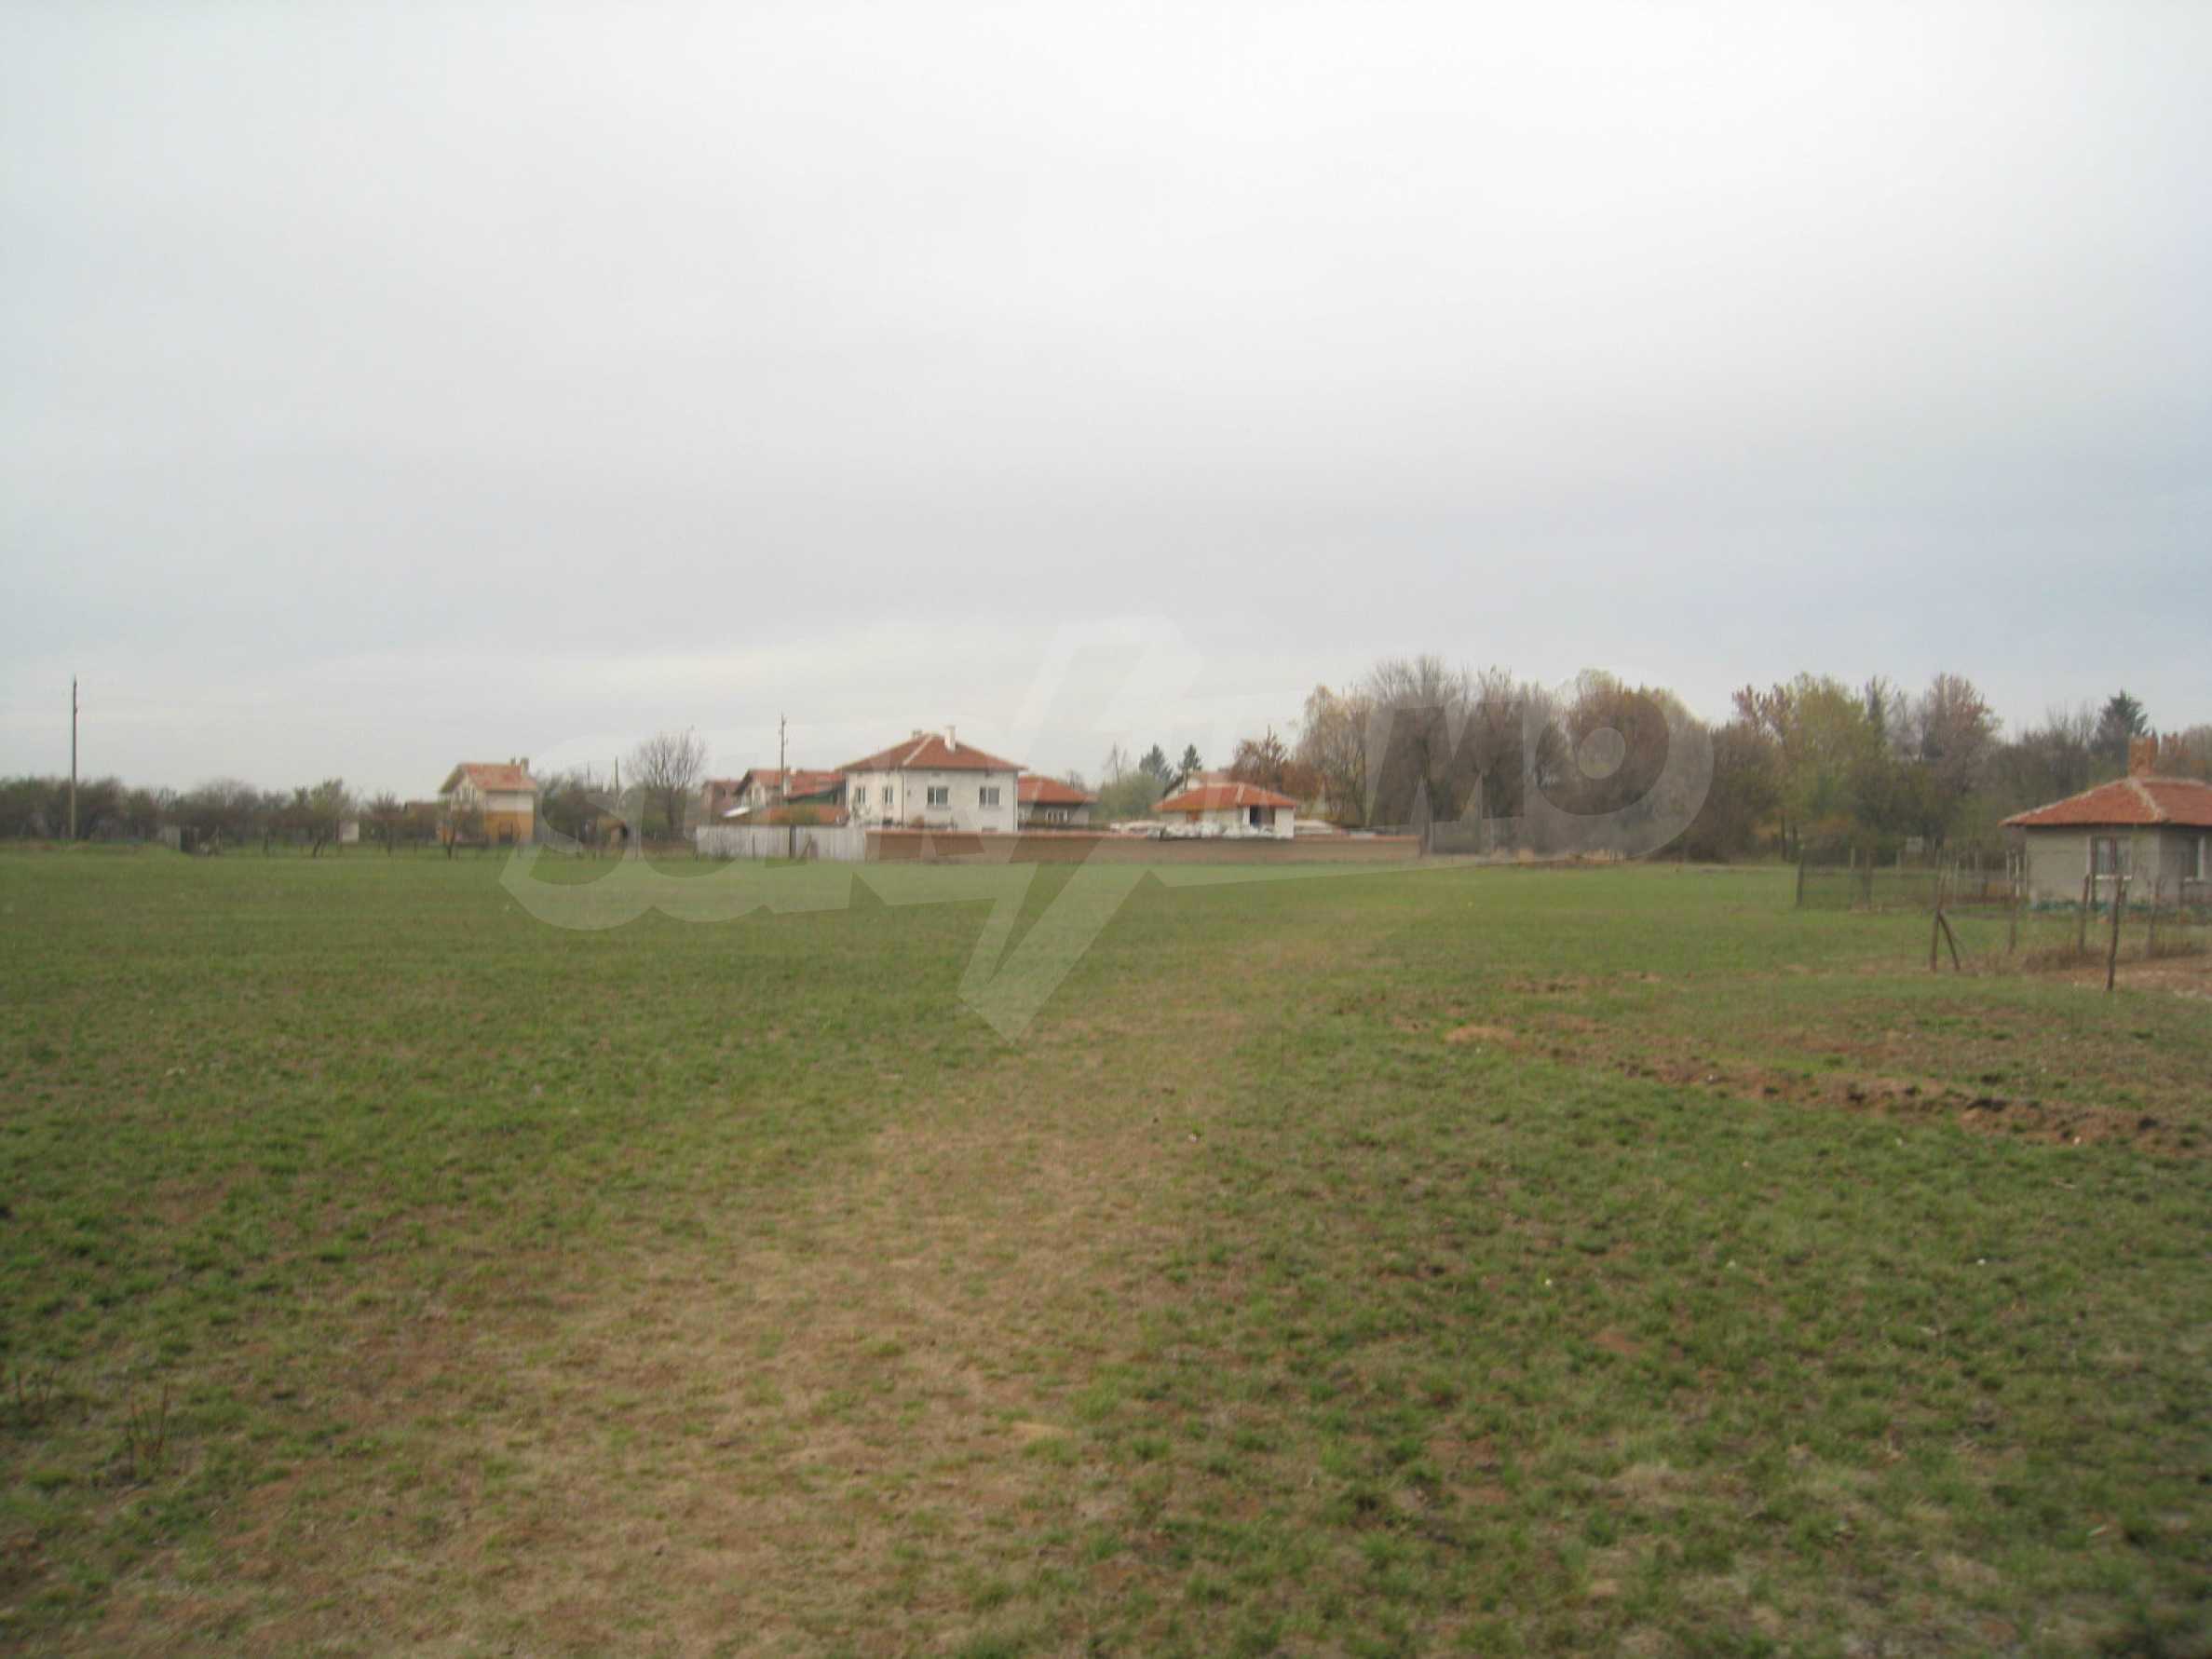 Solides dreistöckiges Gebäude (ehemalige Mühle) mit Hof in der Nähe von Elin Pelin 12